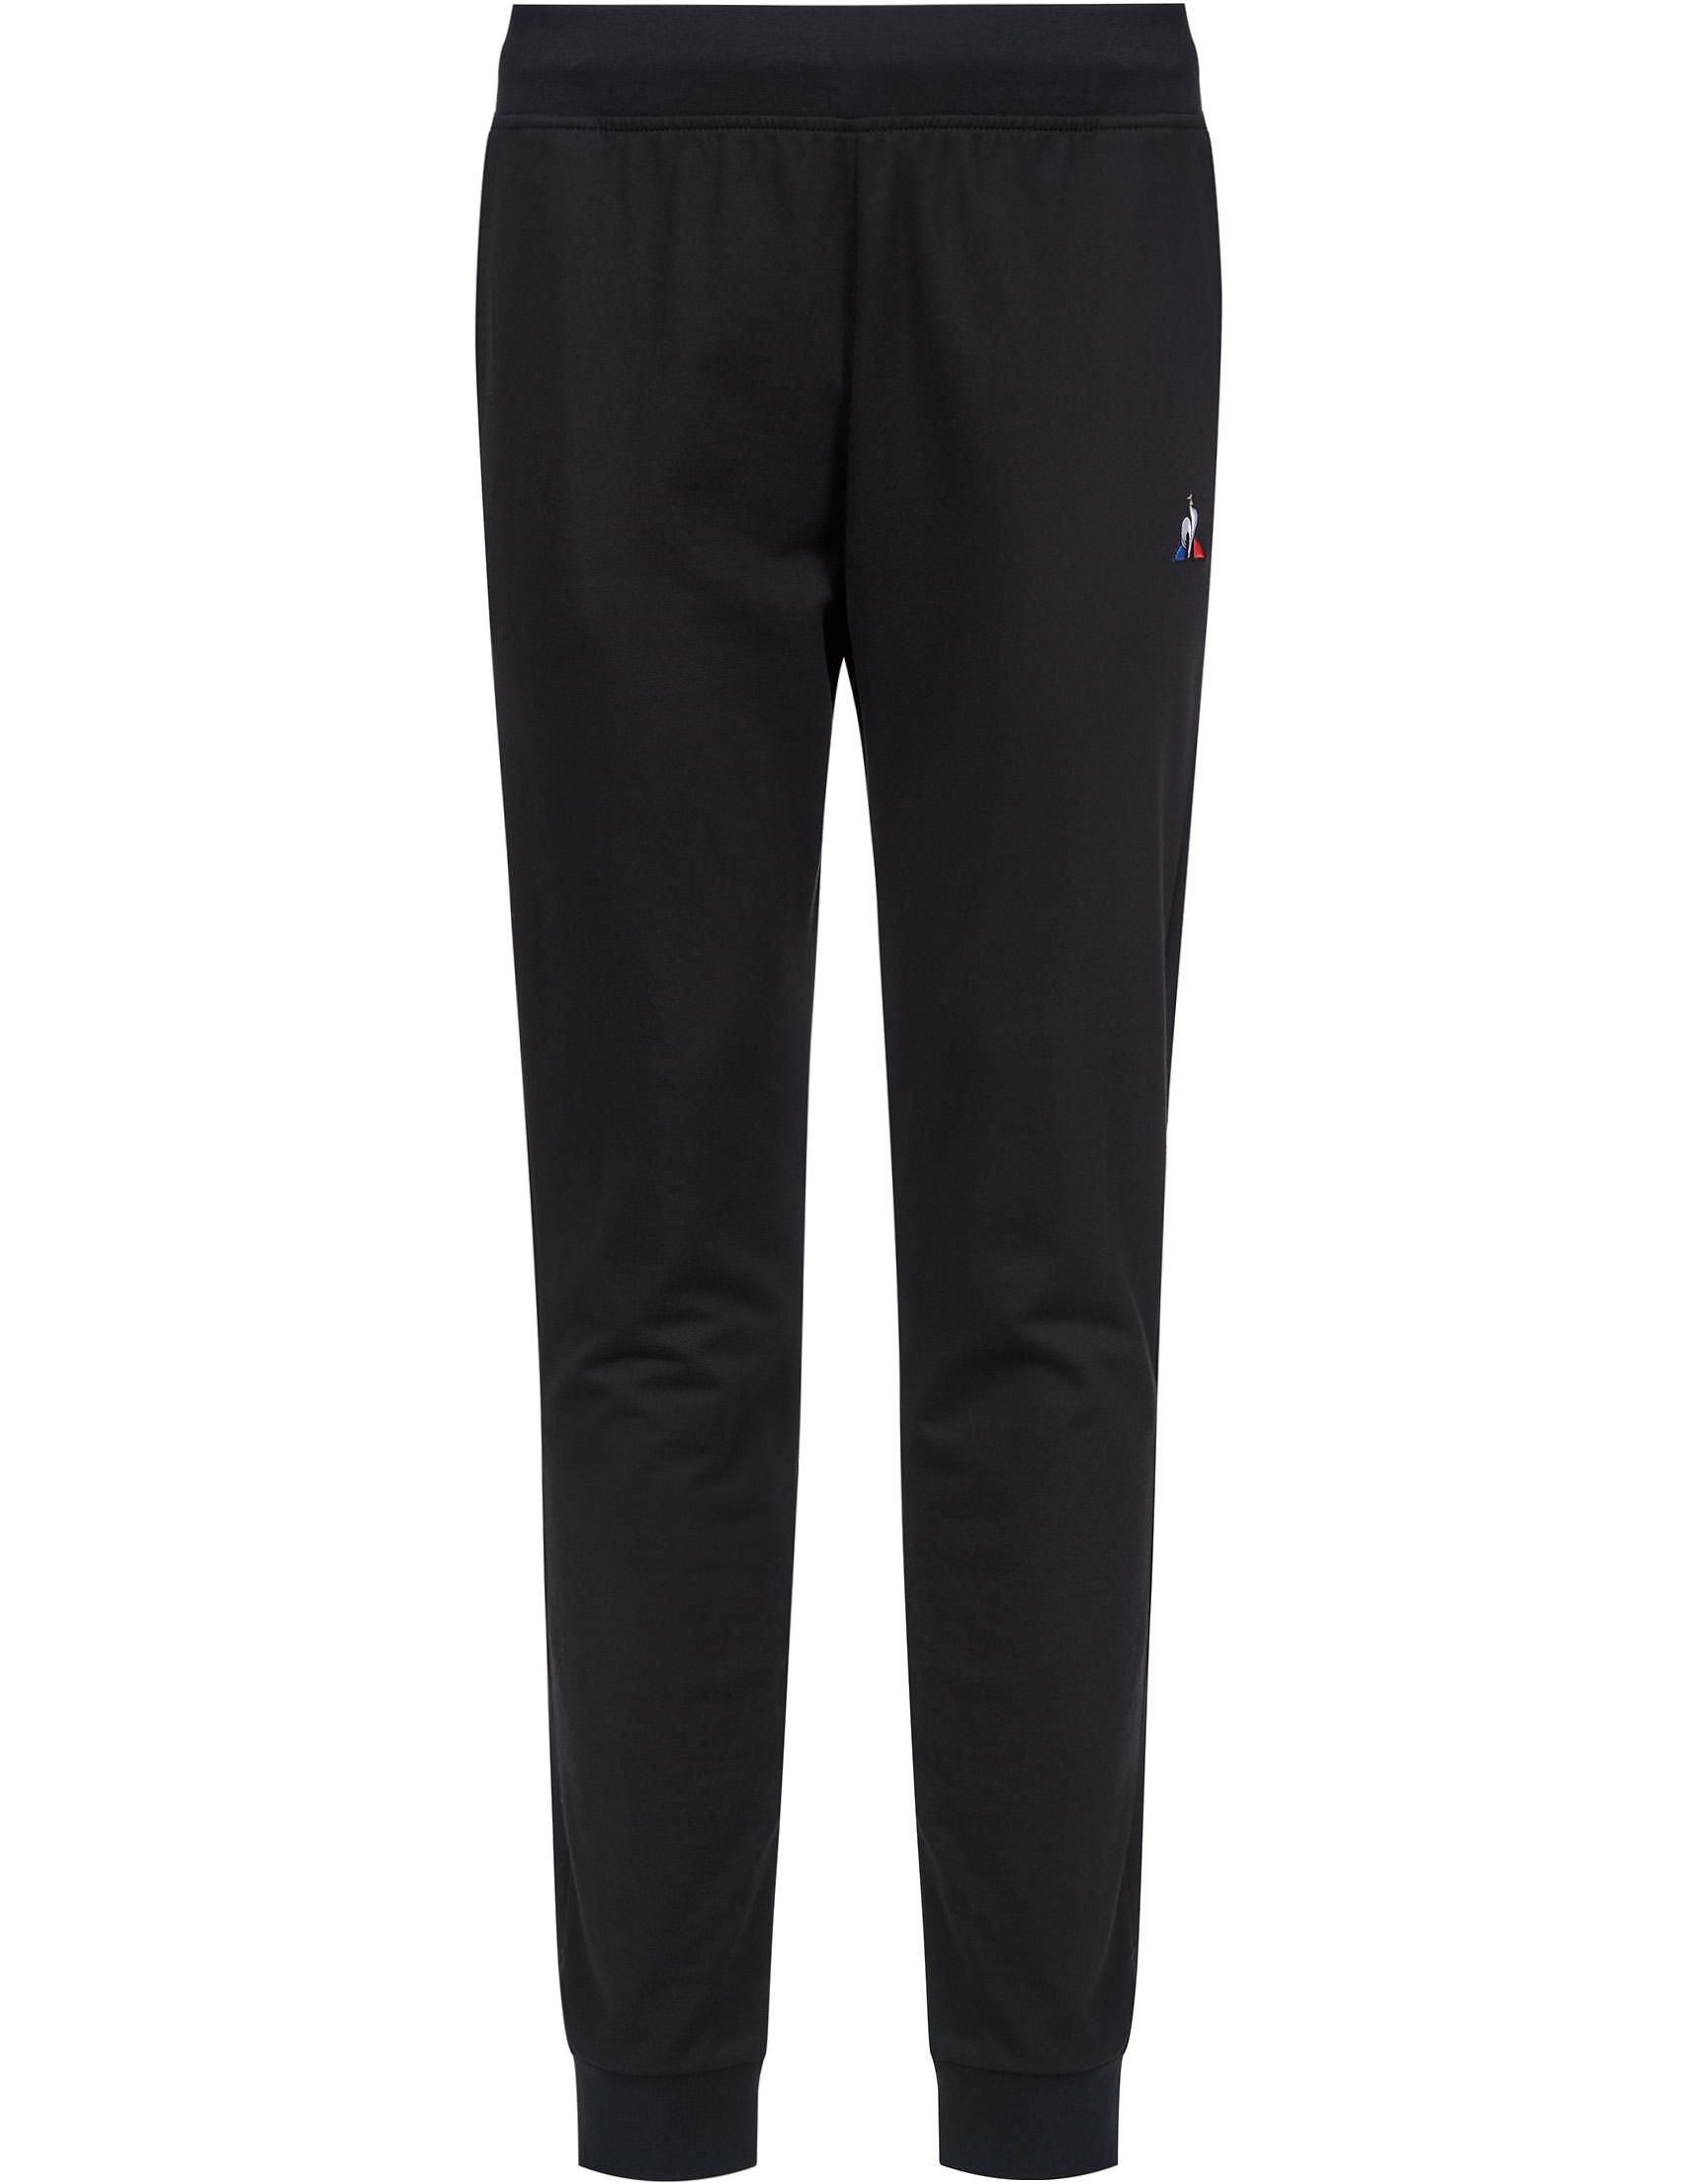 Купить Спортивные брюки, LE COQ SPORTIF, Черный, 100%Хлопок, Весна-Лето